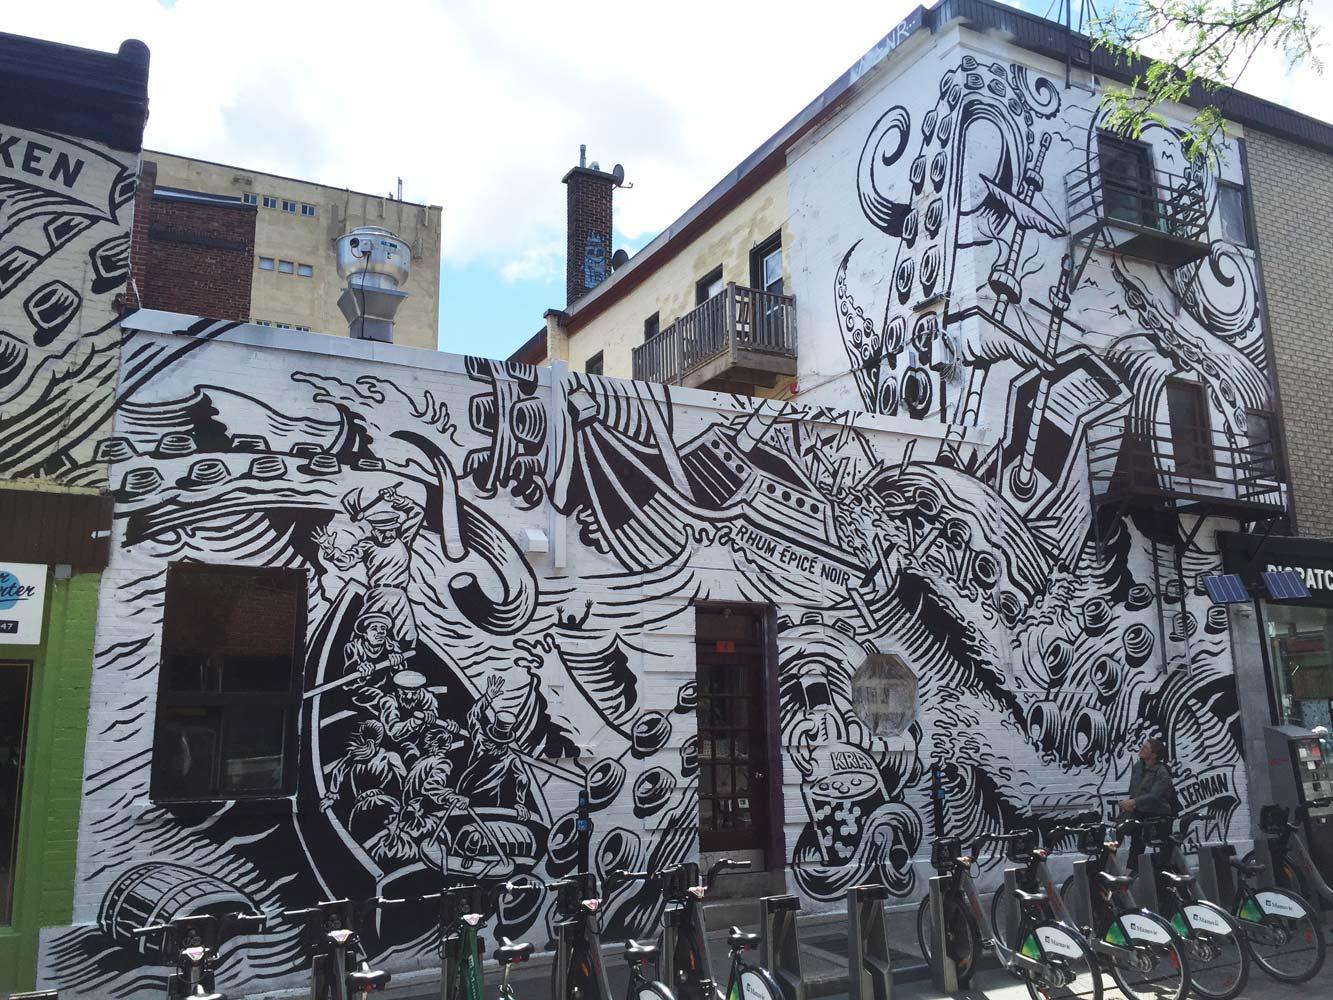 Client: Montreal Mural Festival & Kraken Rum